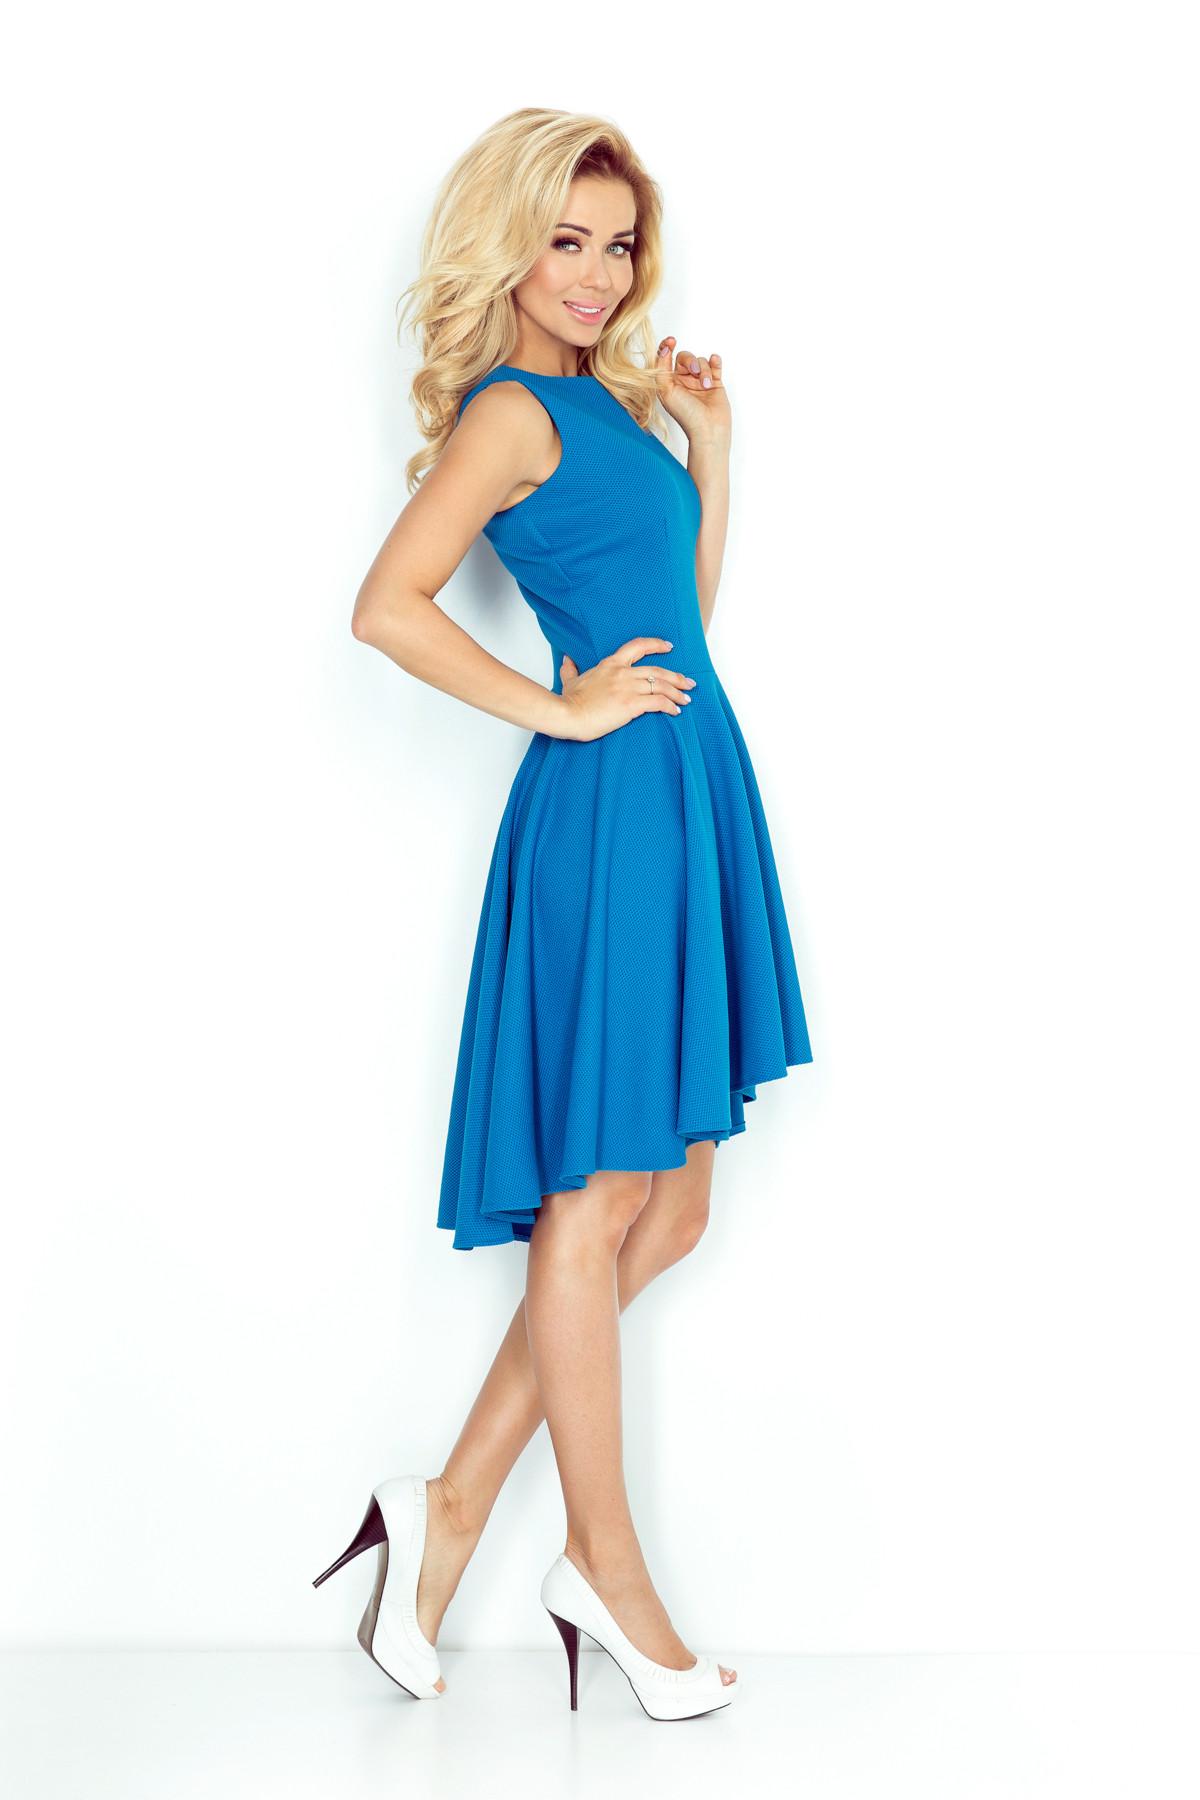 Dámské šaty 66-14 s asymetrickou sukní - Modré S